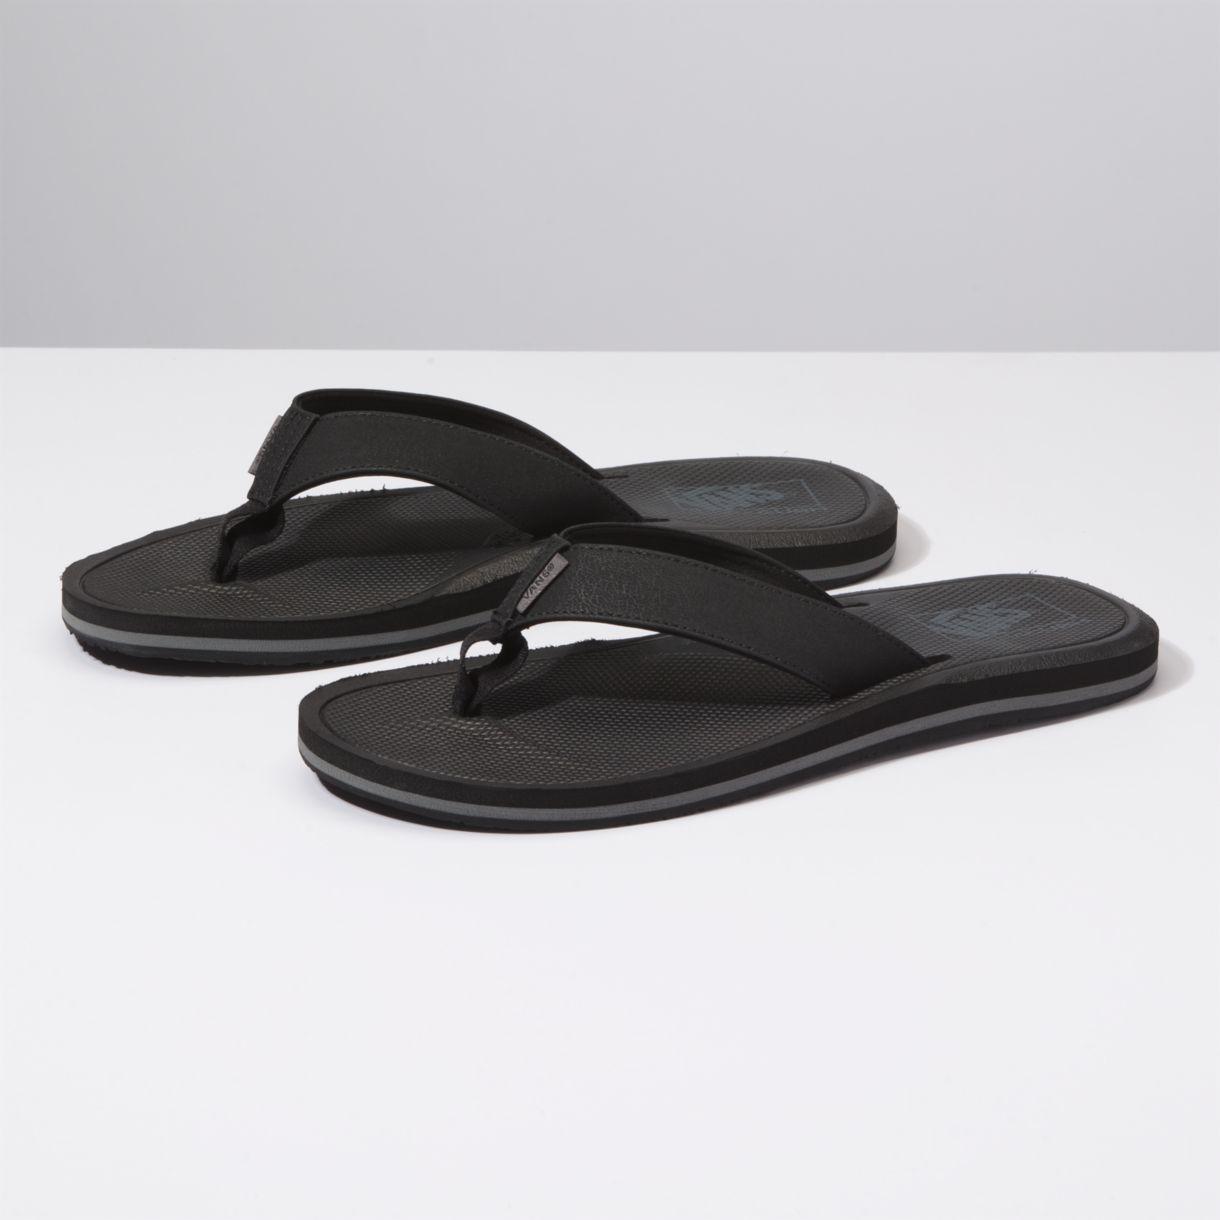 06c915a68f50 Vans Men s NEXPA SYNTHETIC Sandals